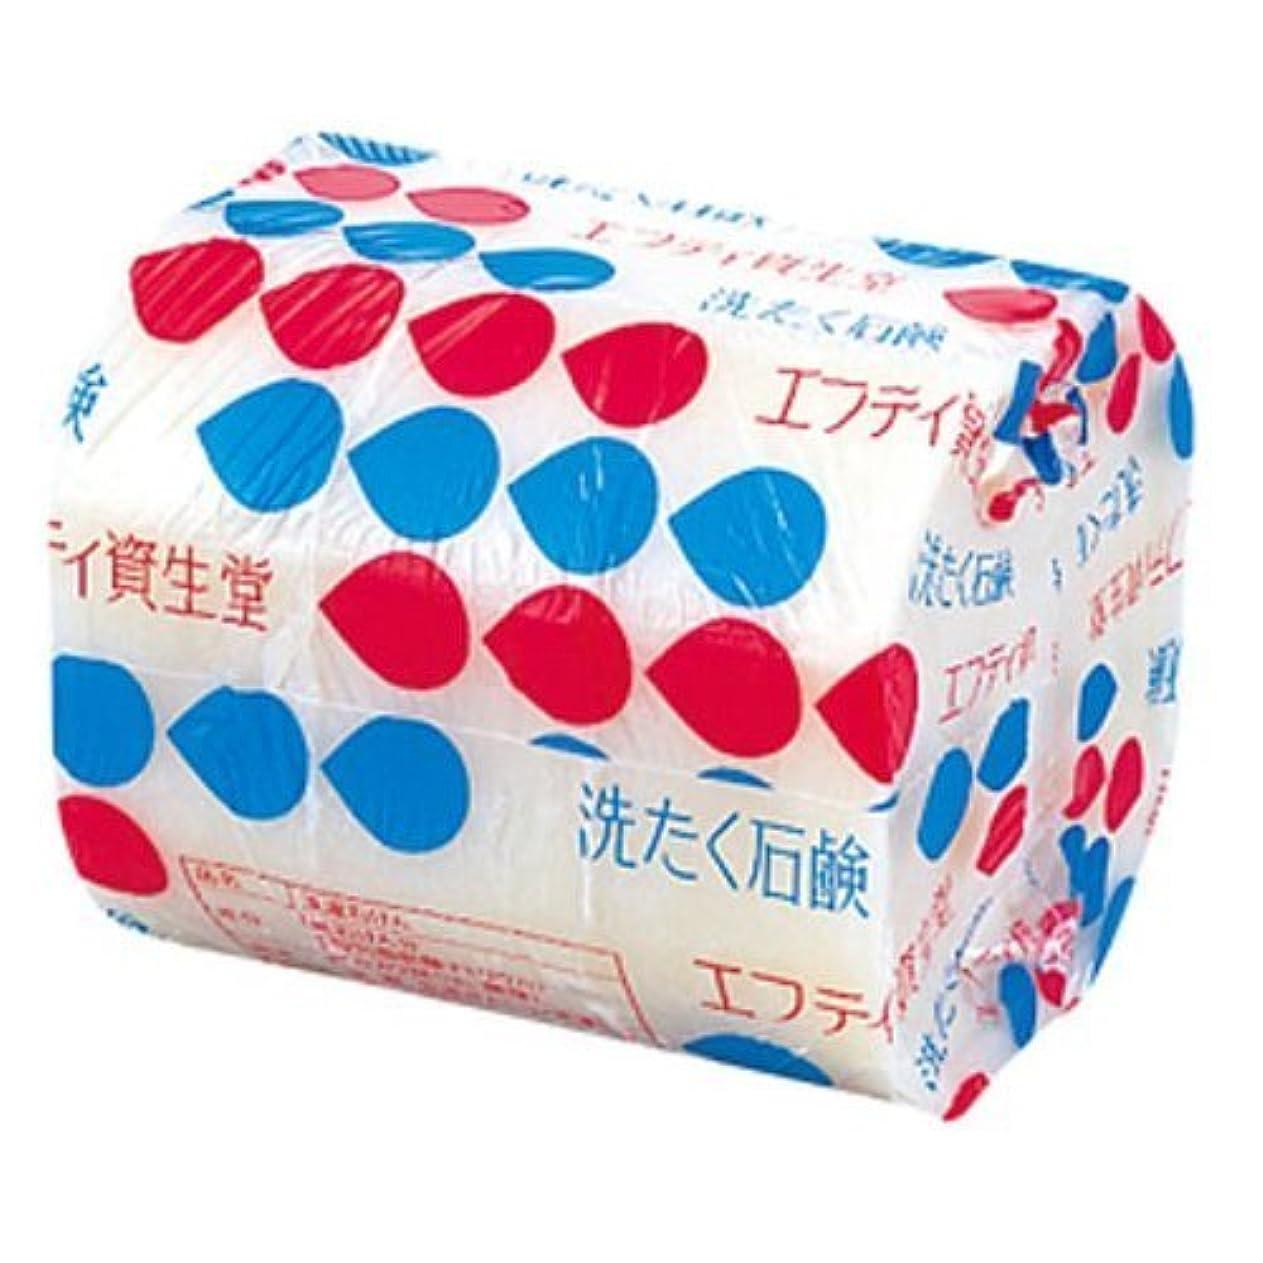 猫背わがまま過ち【資生堂】エフティ資生堂洗たく石鹸花椿型3コパック200g